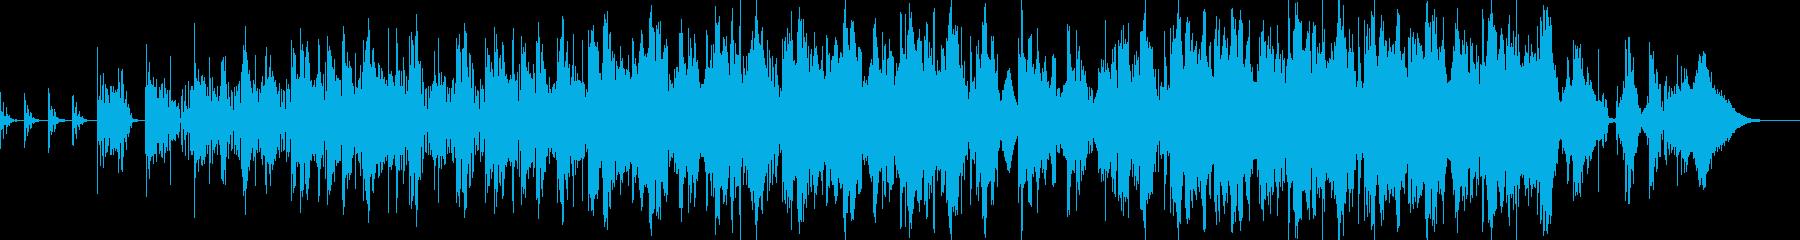 パーカッシブで緊張感のあるエレクトロニカの再生済みの波形